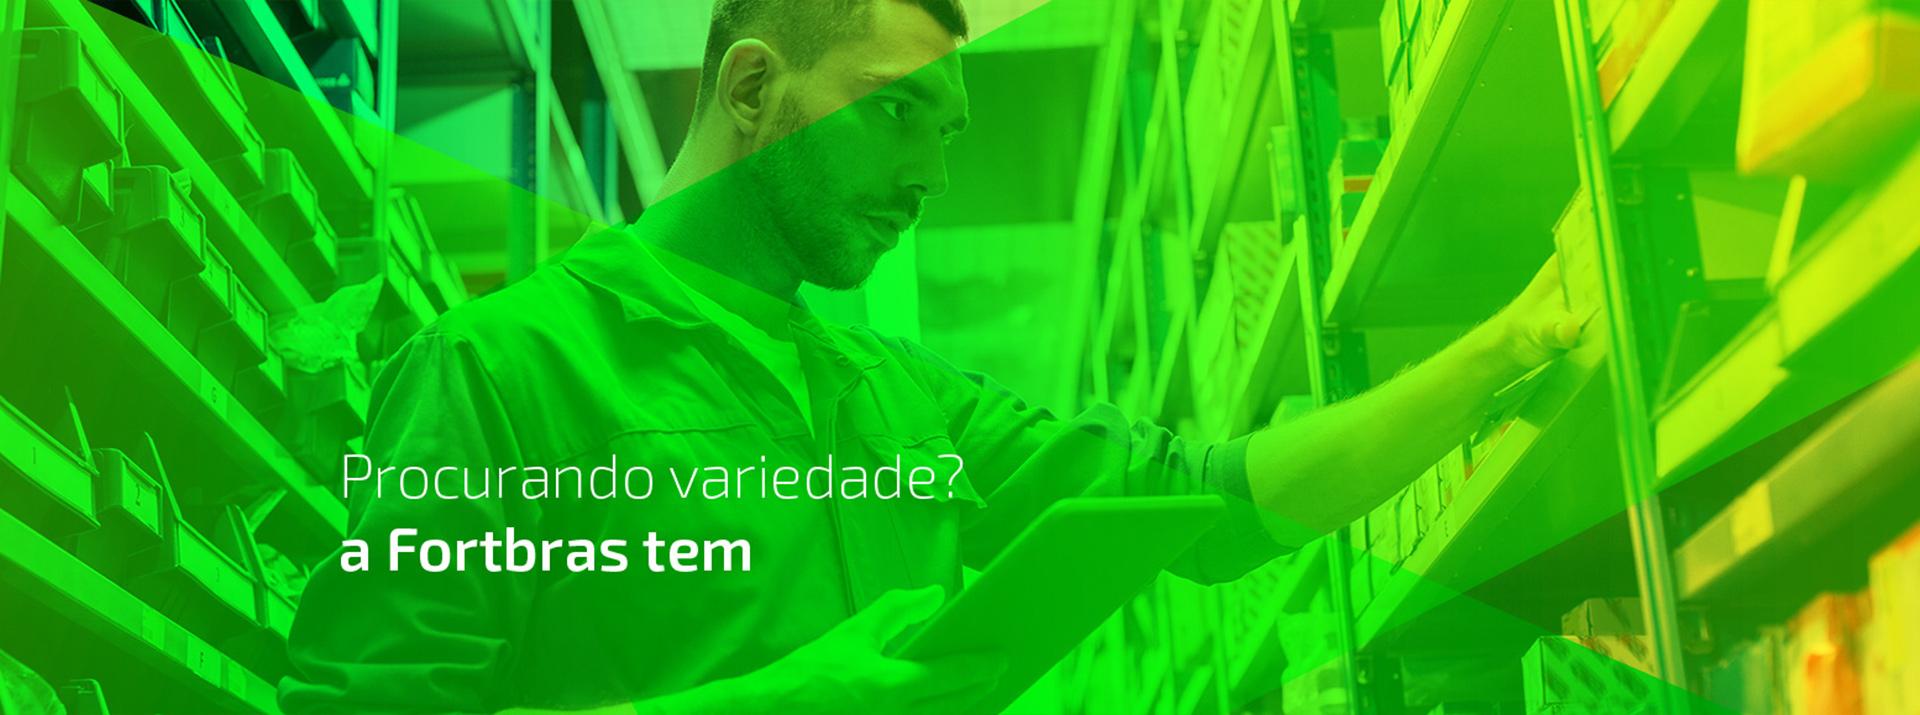 https://fortbras.com.br/banner 1